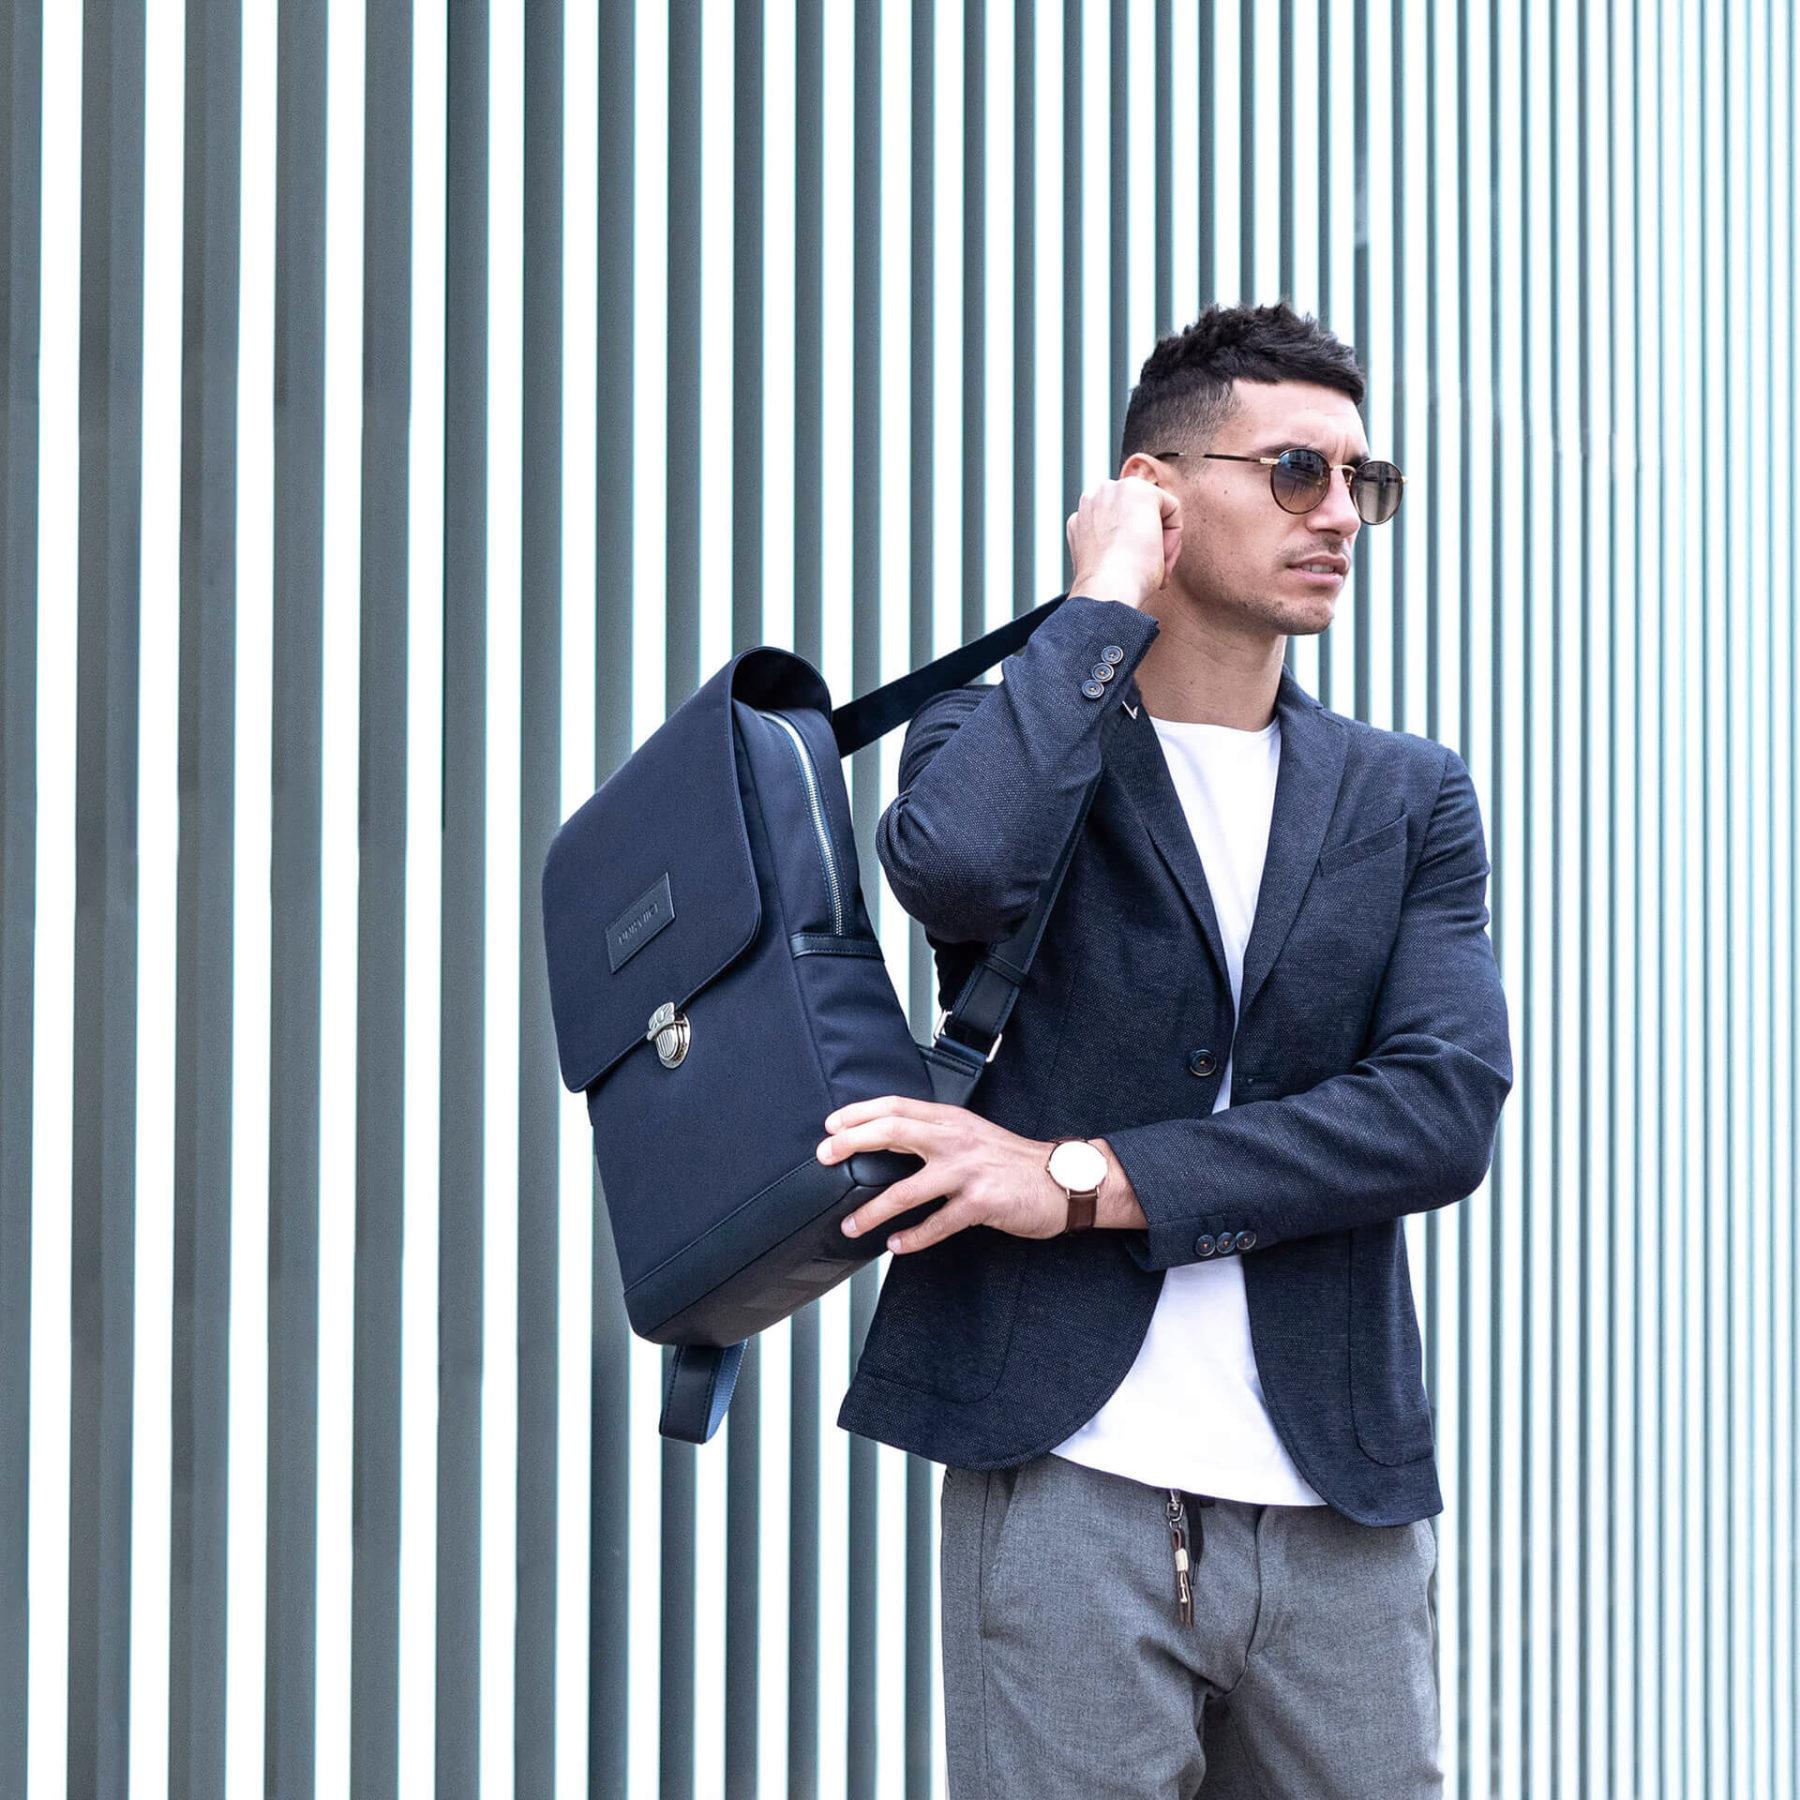 UNI:VIICI   sac à dos nylon professionnel classe equilo bleu22   EQUILO BLEU NAVY